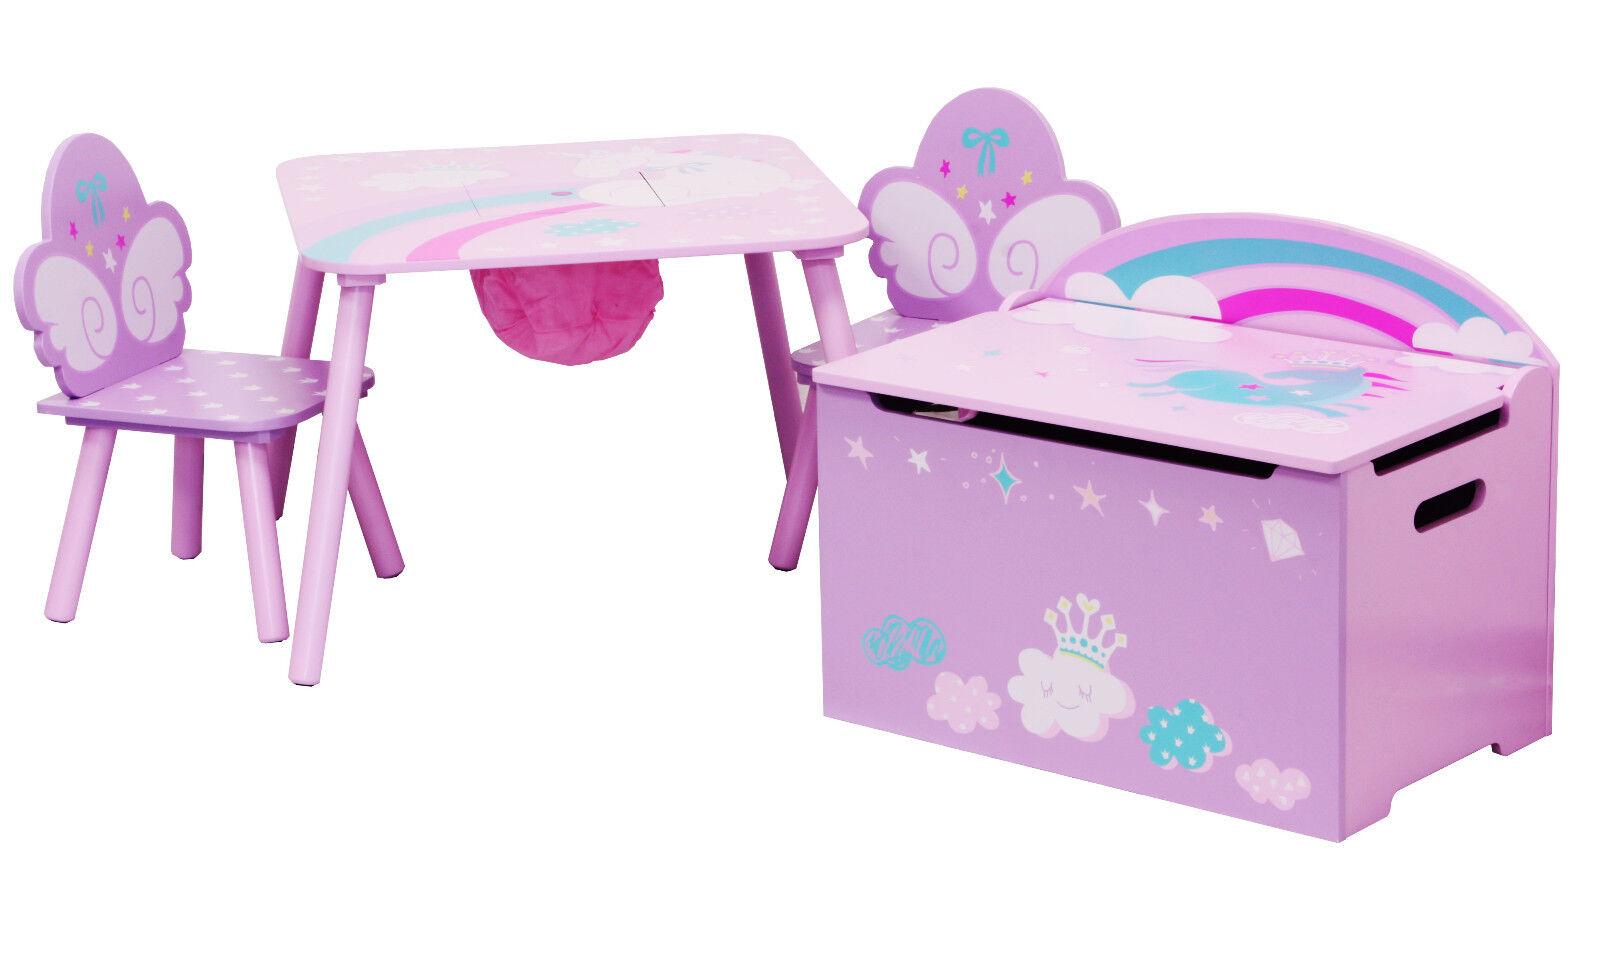 Table et chaises avec chestbench-licorne-en bois set enfants toybox